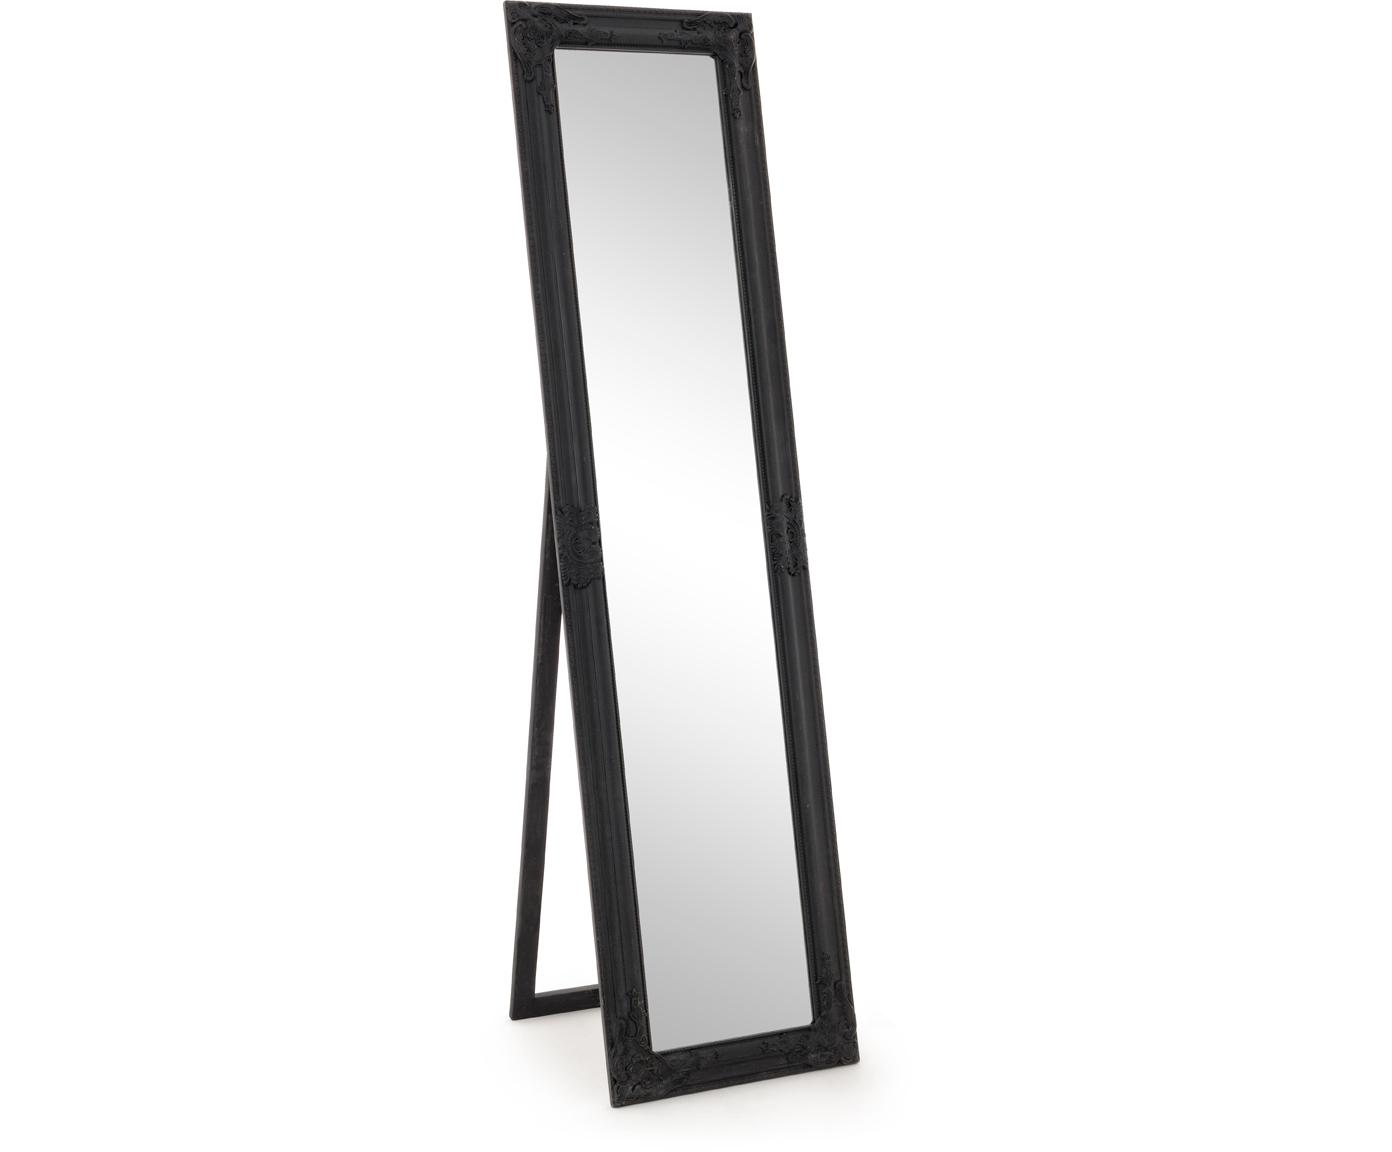 Specchio da terra con cornice nera Miro, Cornice: legno, rivestito, Superficie dello specchio: lastra di vetro, Nero, Larg. 40 x Alt. 160 cm